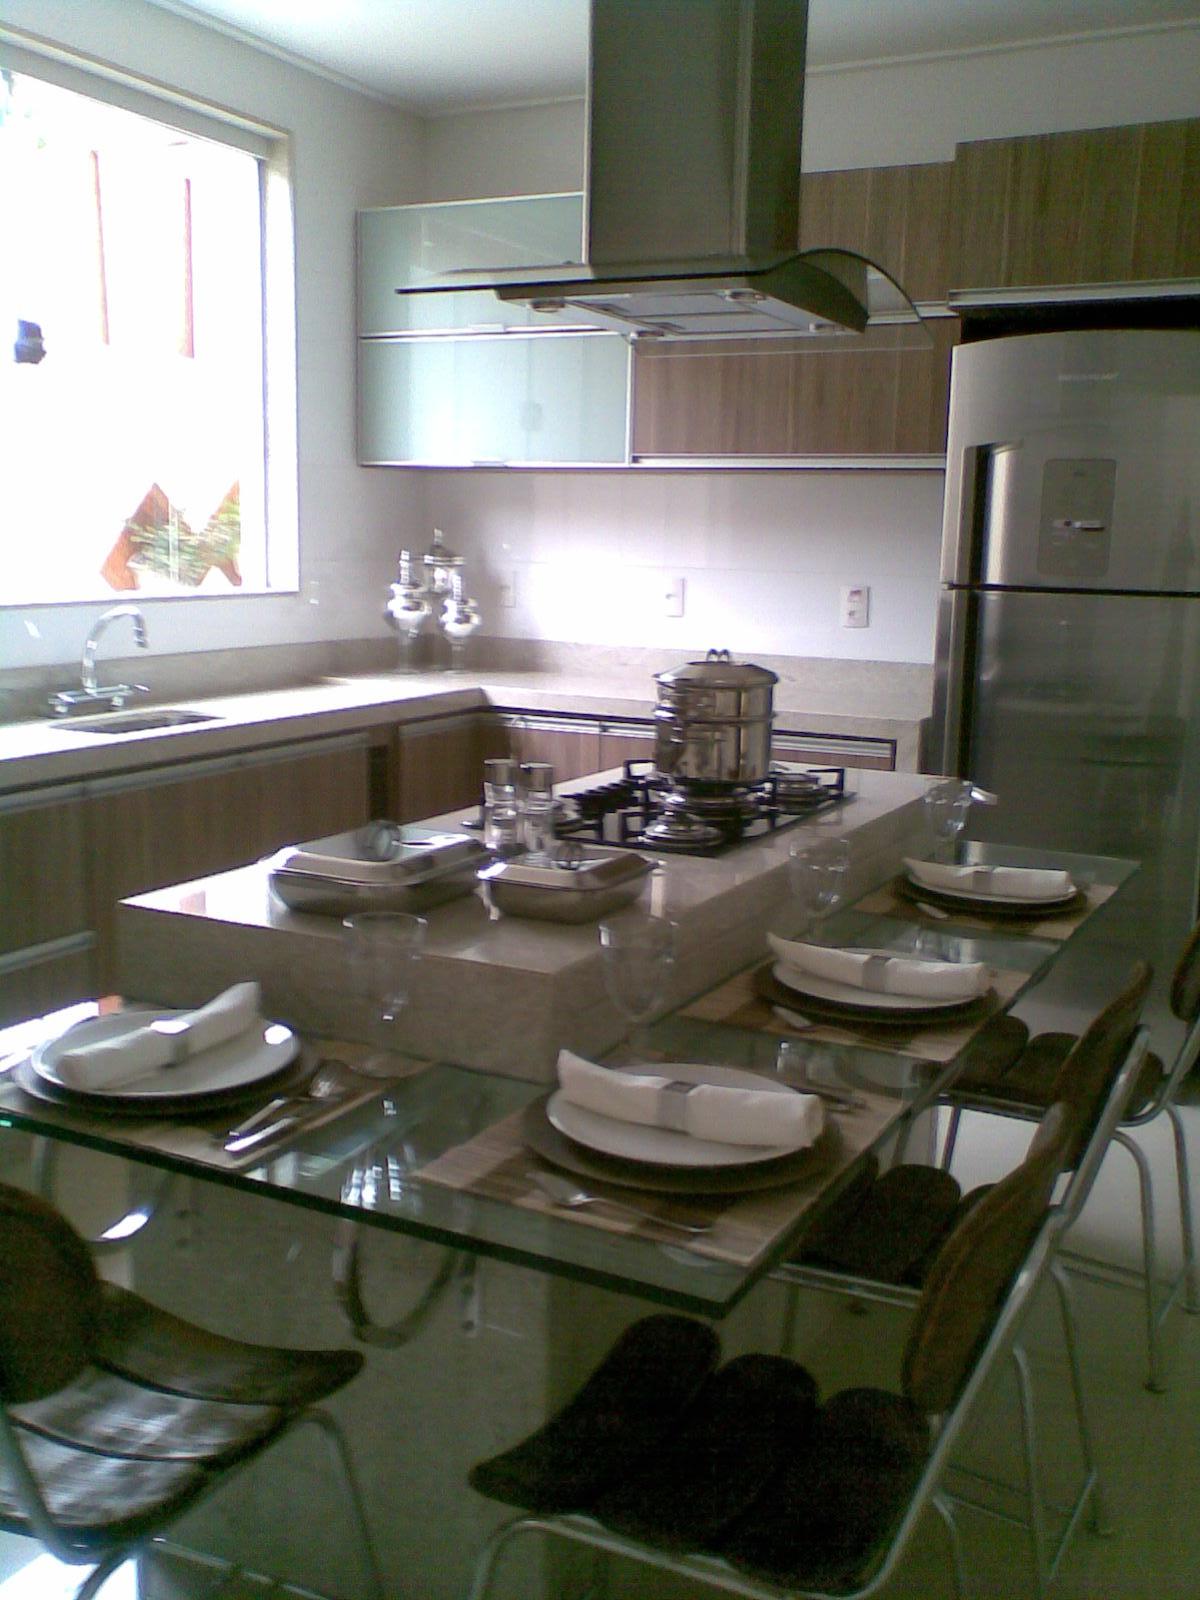 Cozinha Com Ilha E Mesa De Vidro Foi Criado Uma Bancada De Vidro Em